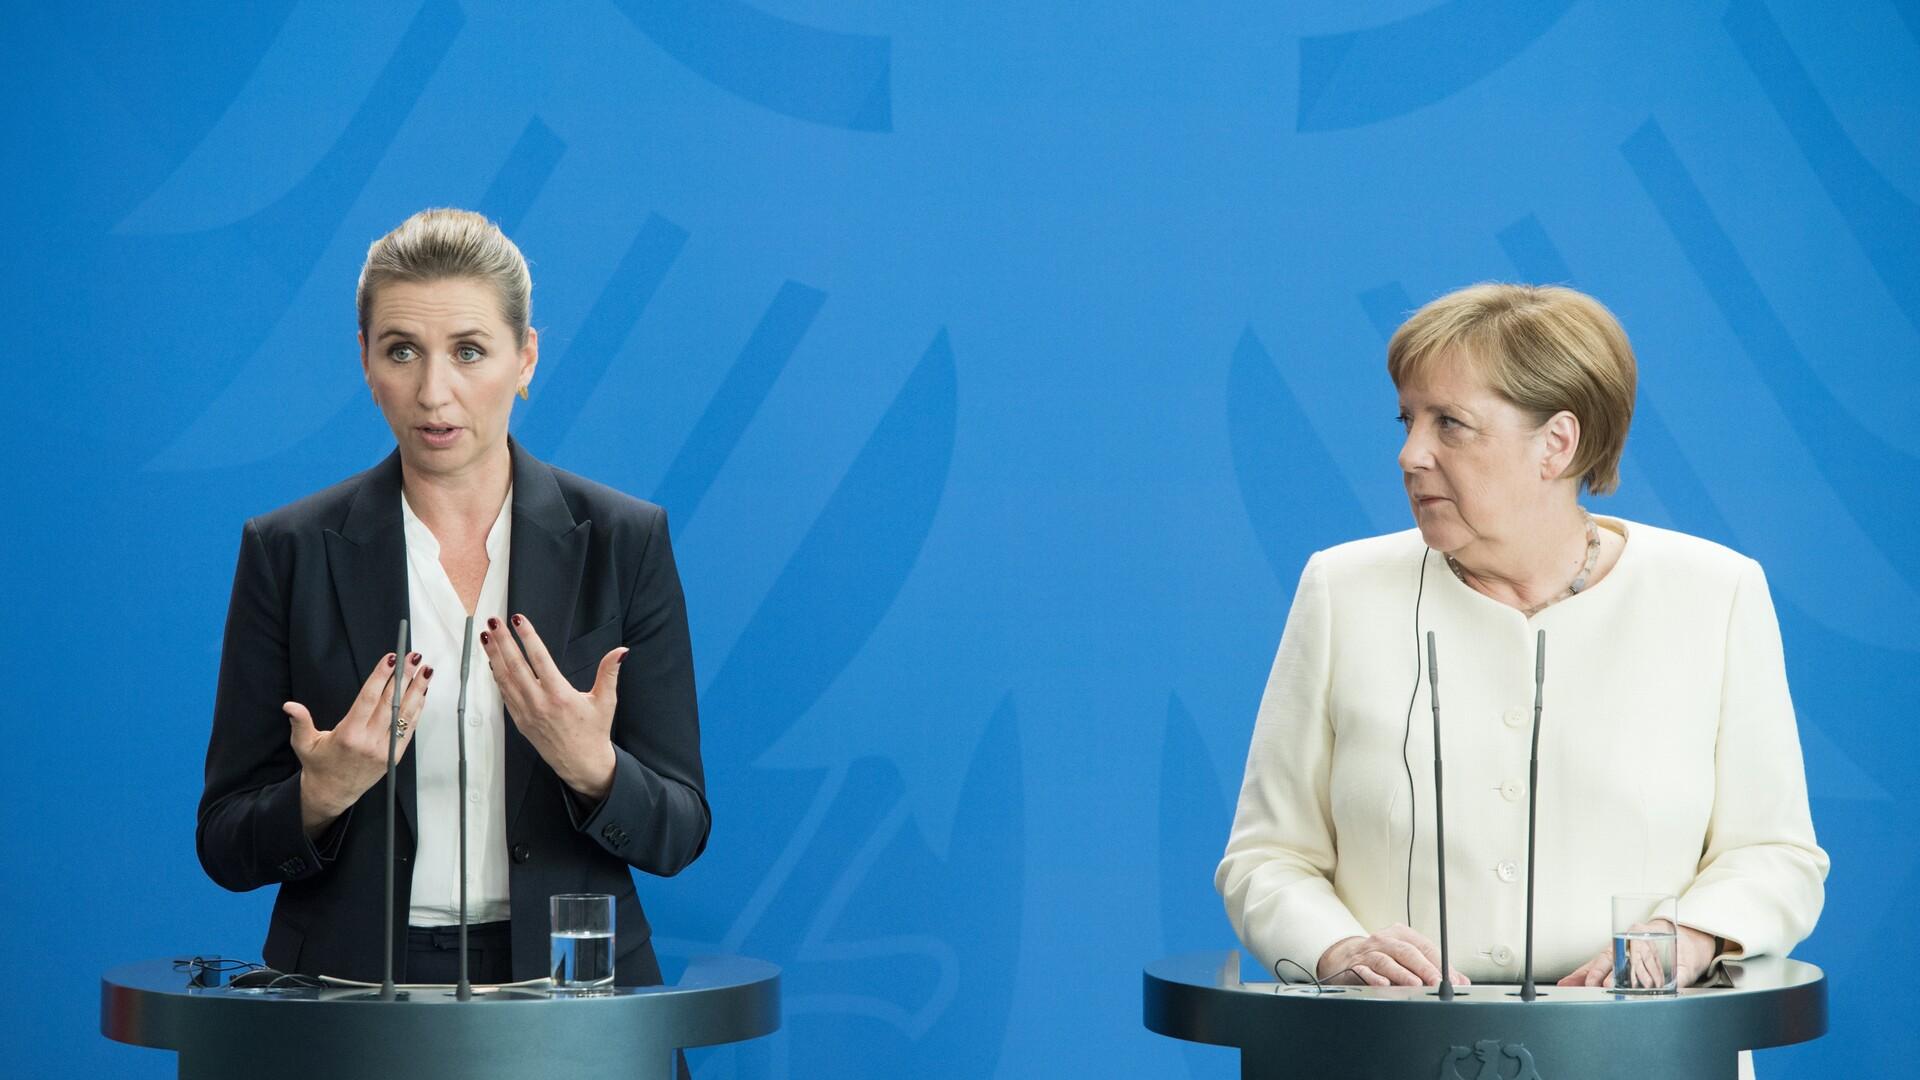 Erik Boel: Aflytningen af vores nabolande viser, at Danmark hænger og dingler i EU uden en sammenhængende europapolitik